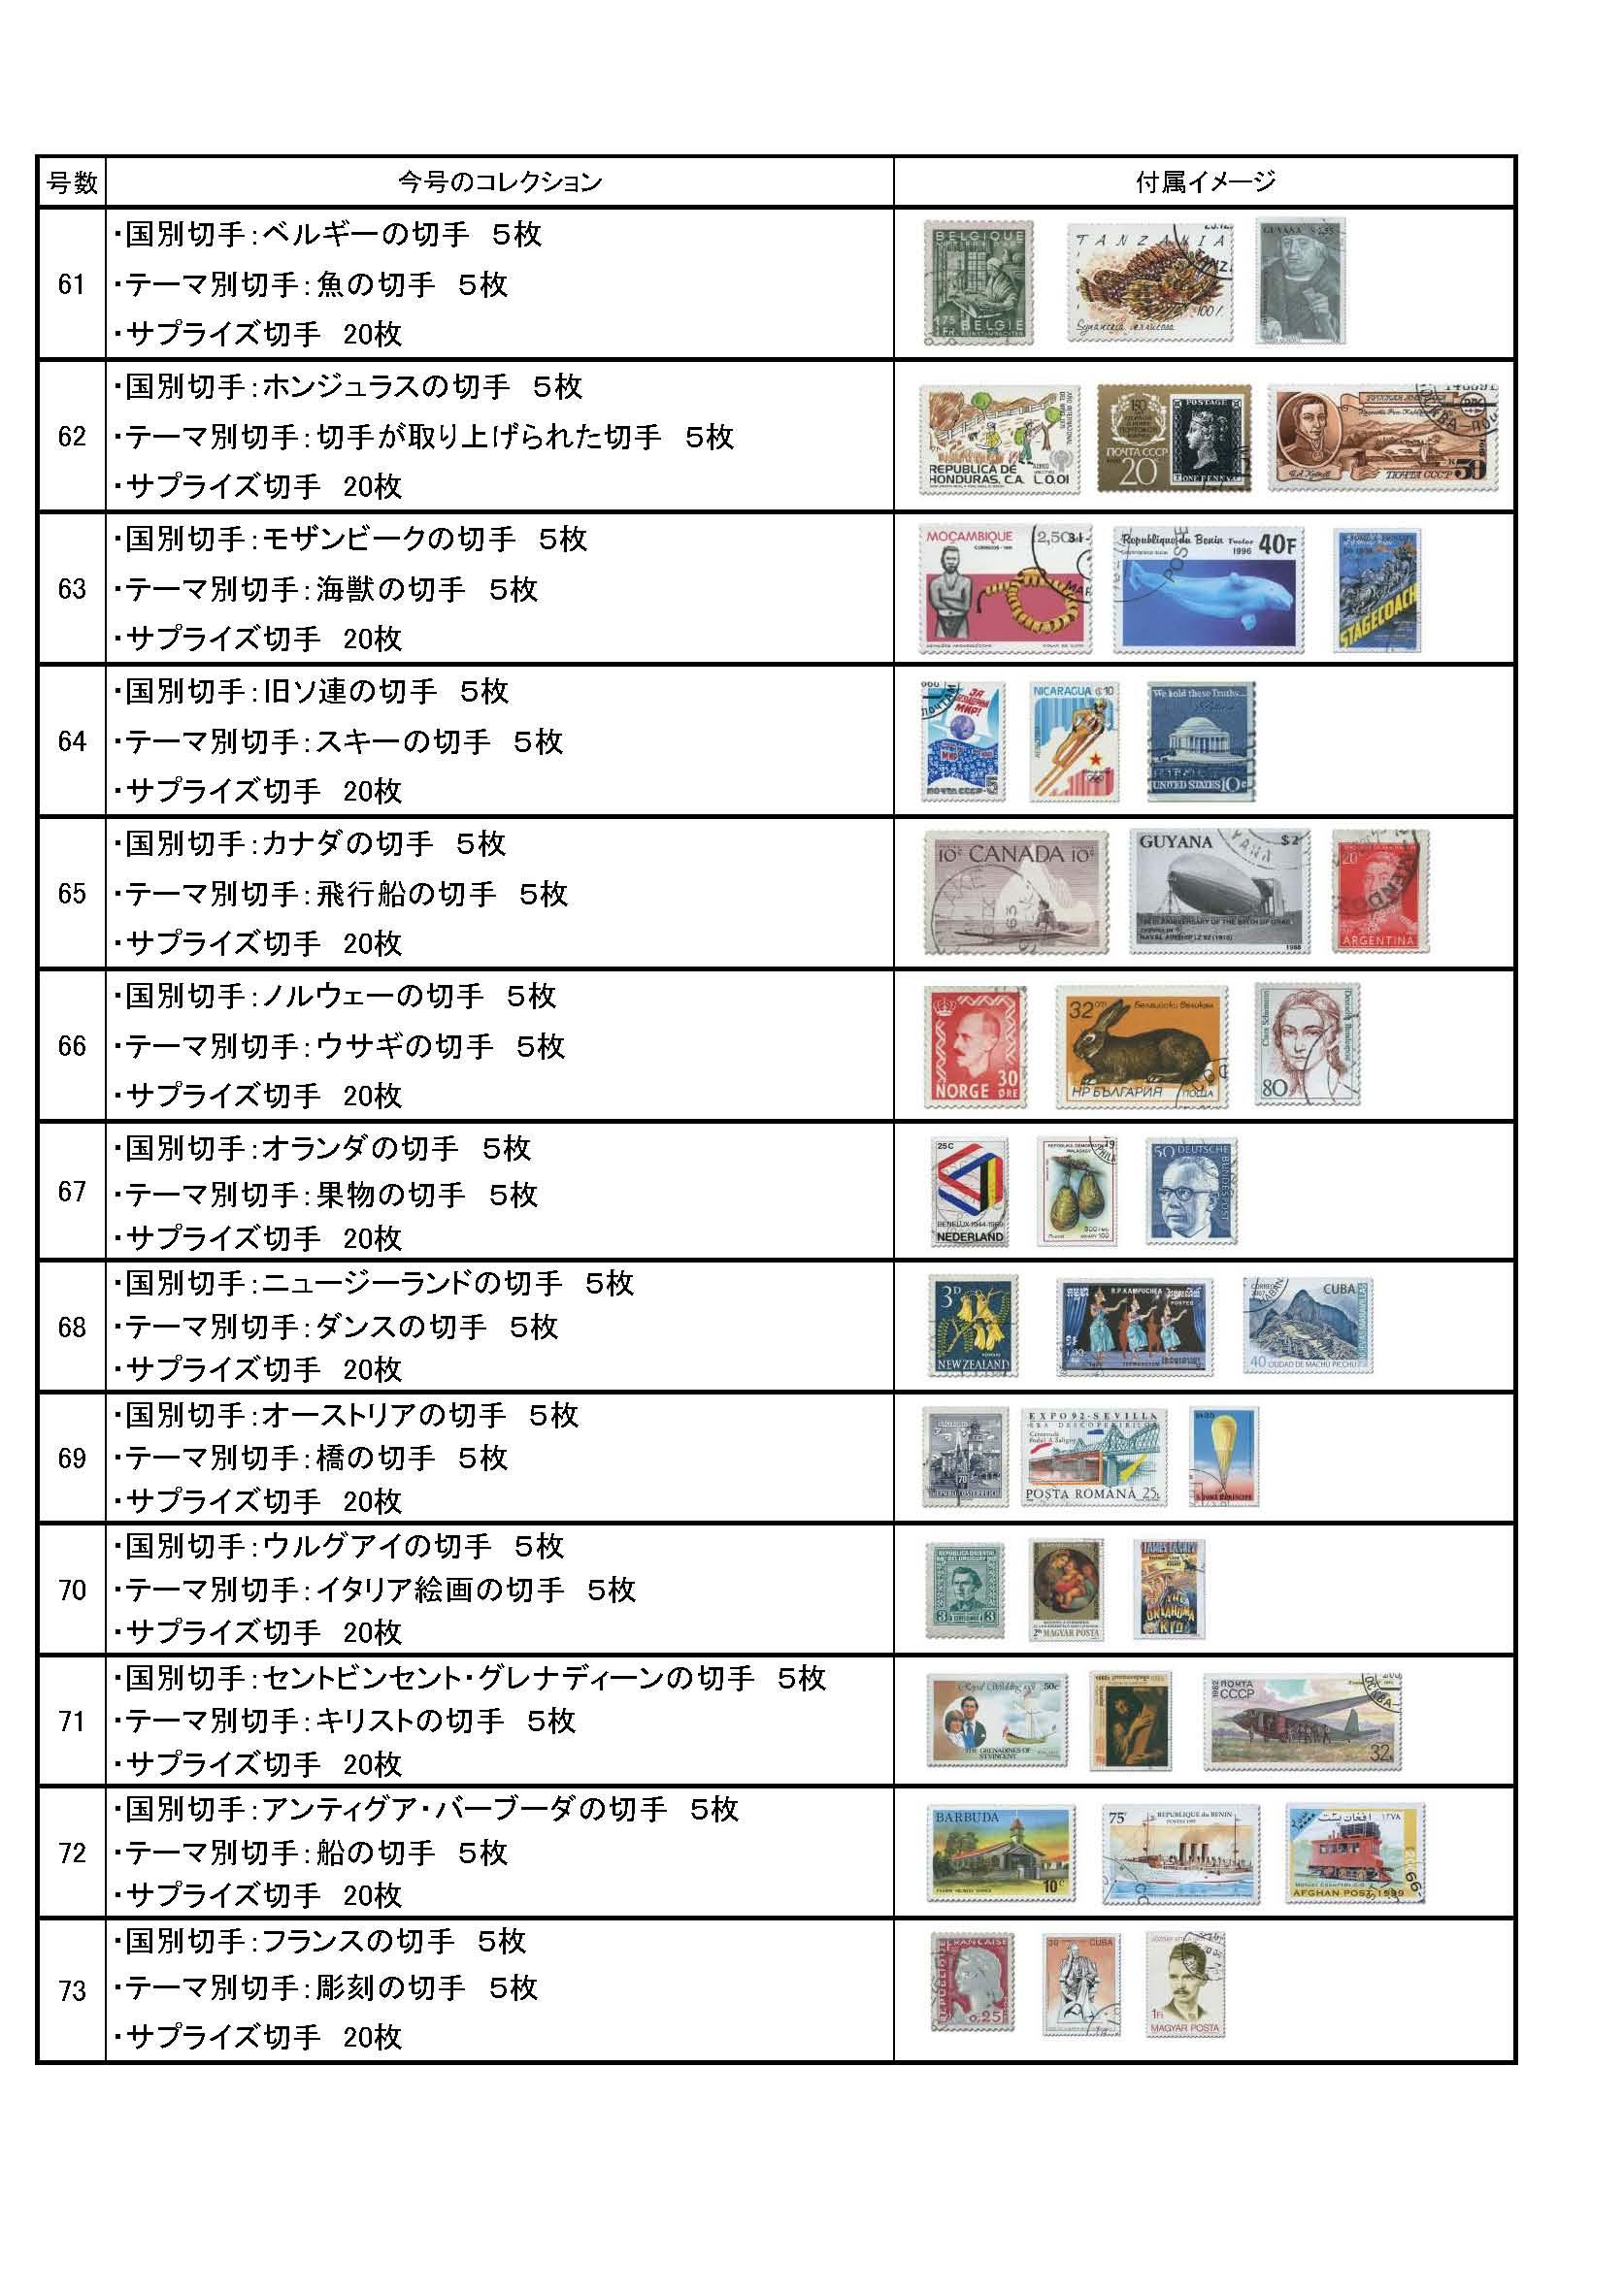 付属切手ラインナップ20170306_ページ_06.jpg